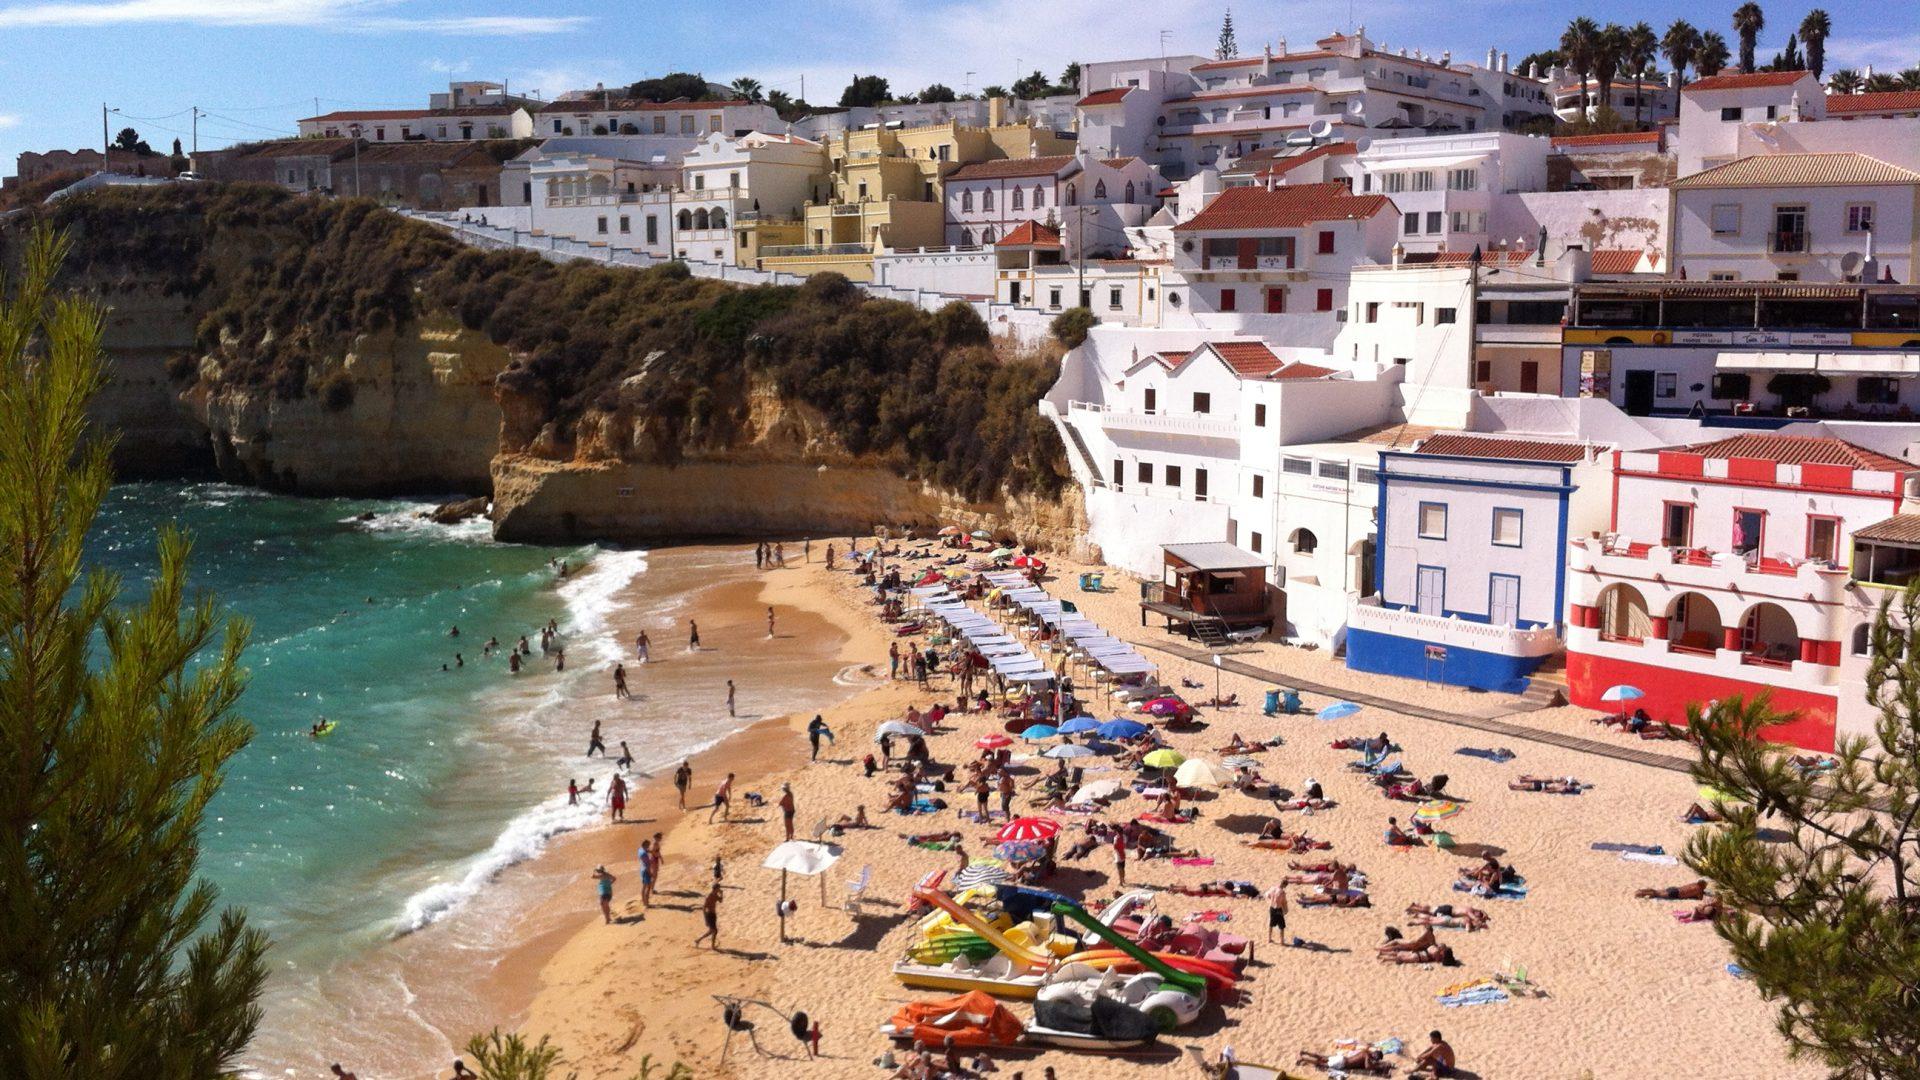 Mauro, la mia scelta da pensionato: l'Algarve in Portogallo